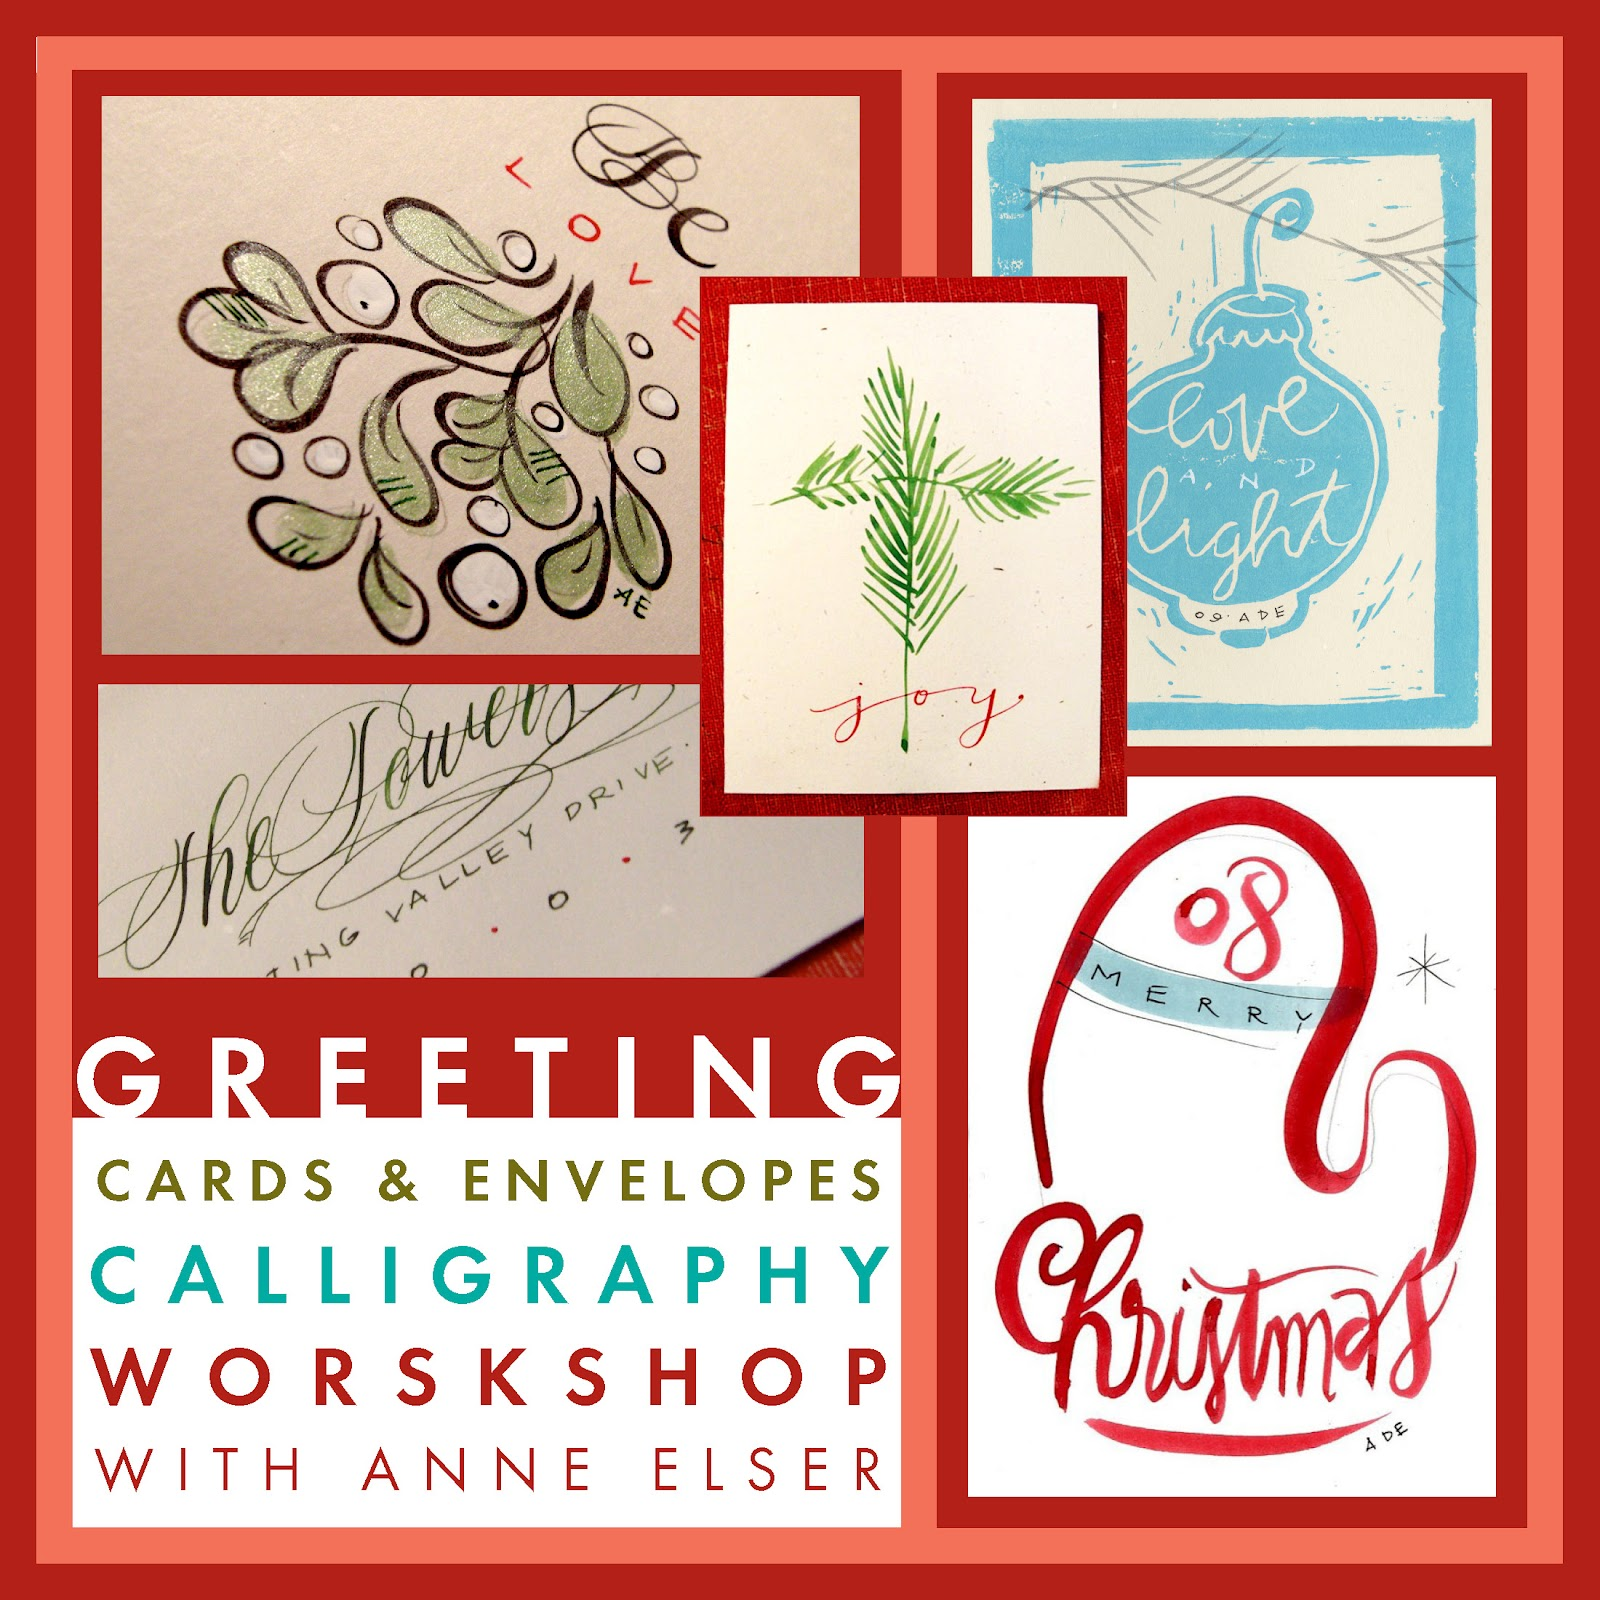 Anne elser greeting cards envelopes calligraphy workshop april 2012 greeting cards envelopes calligraphy workshop april 2012 m4hsunfo